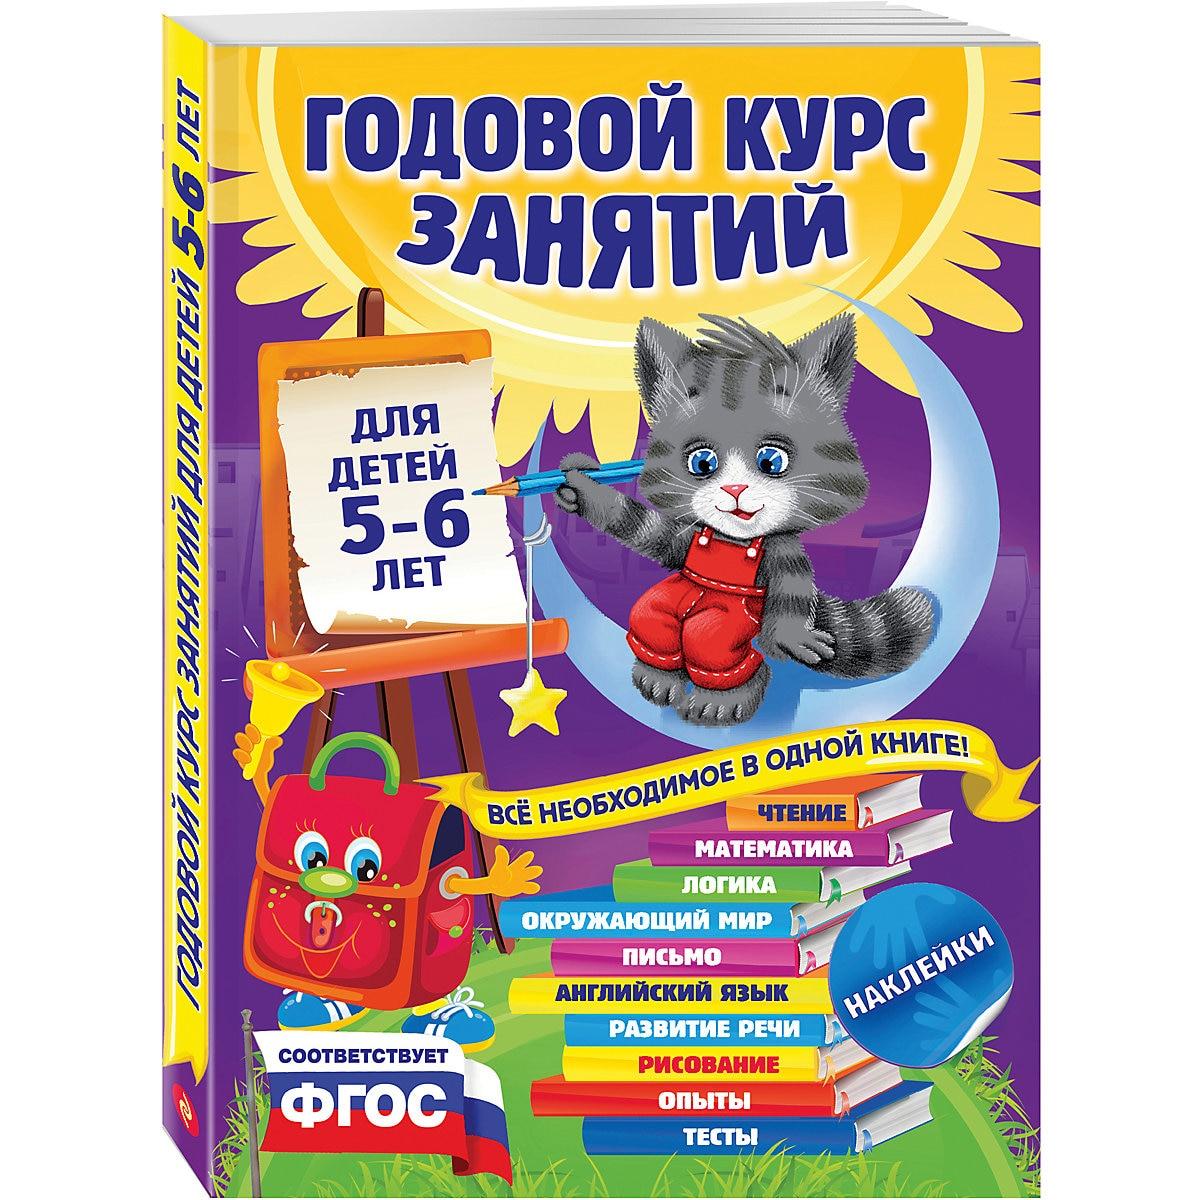 Books EKSMO 4355900 children…